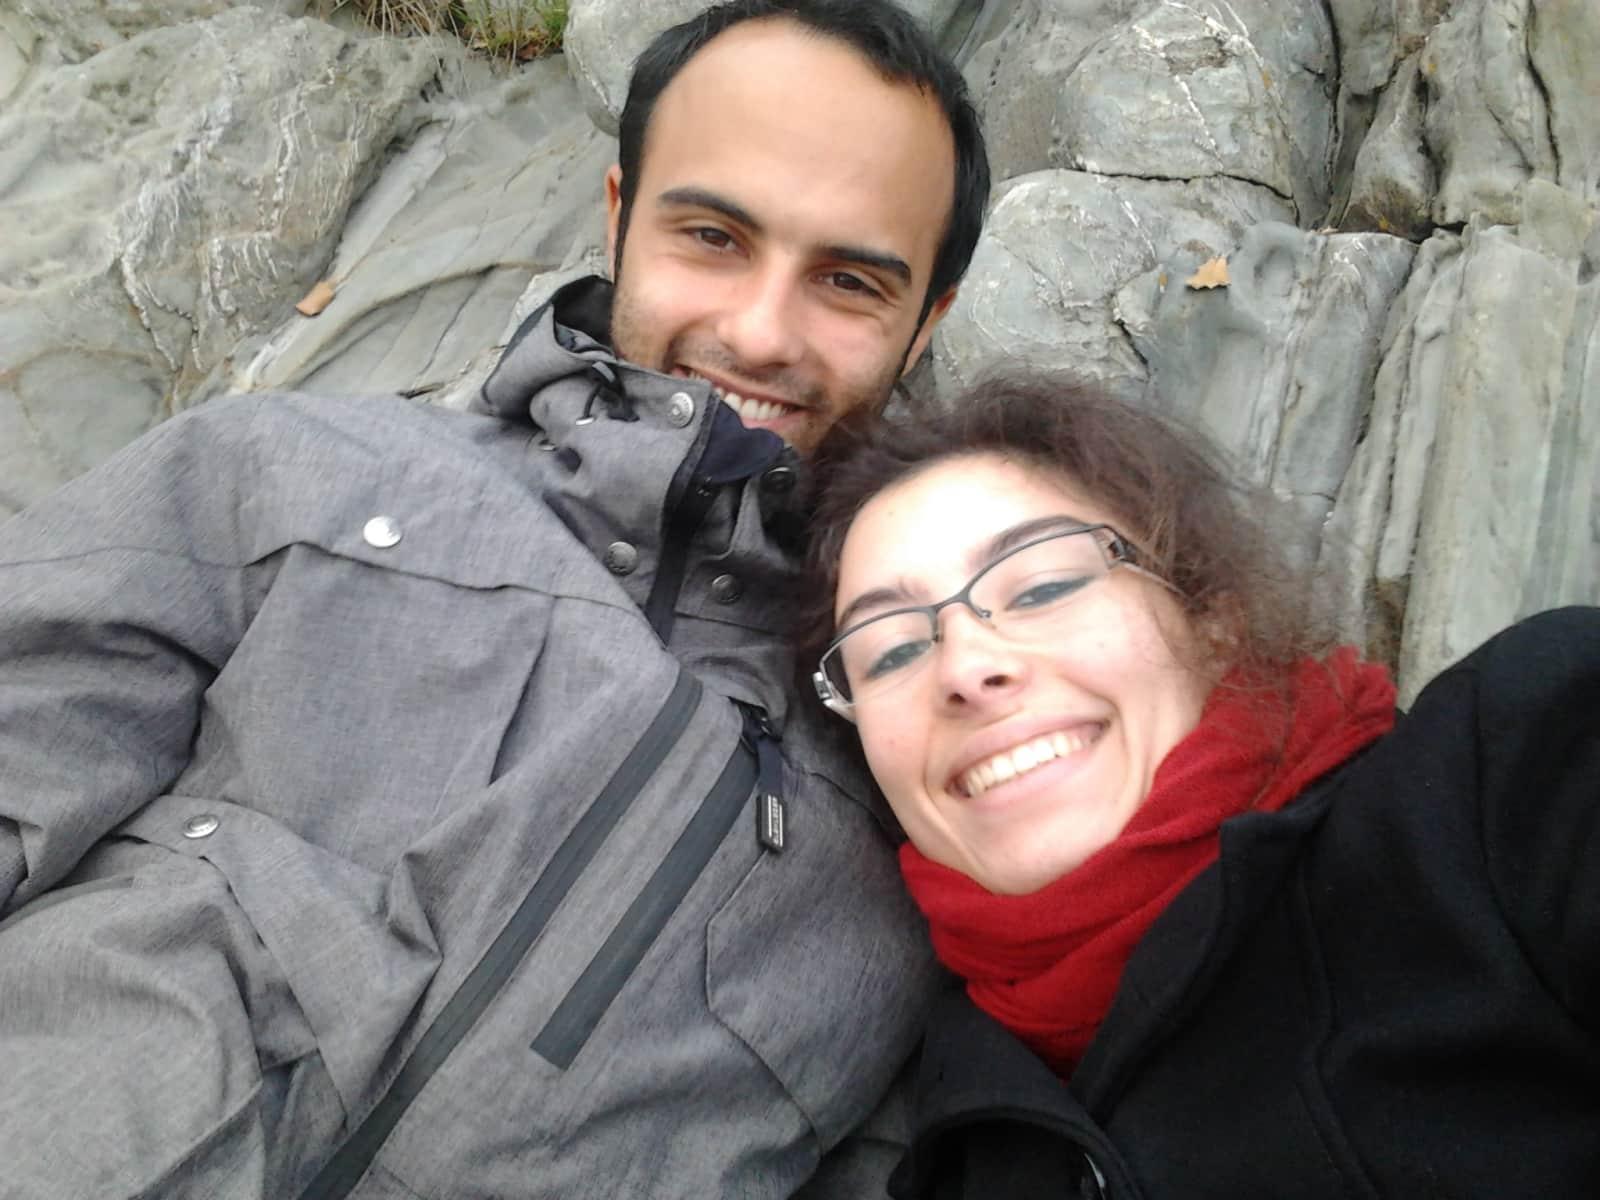 Zephyra & Benoît from La Feuillée, France